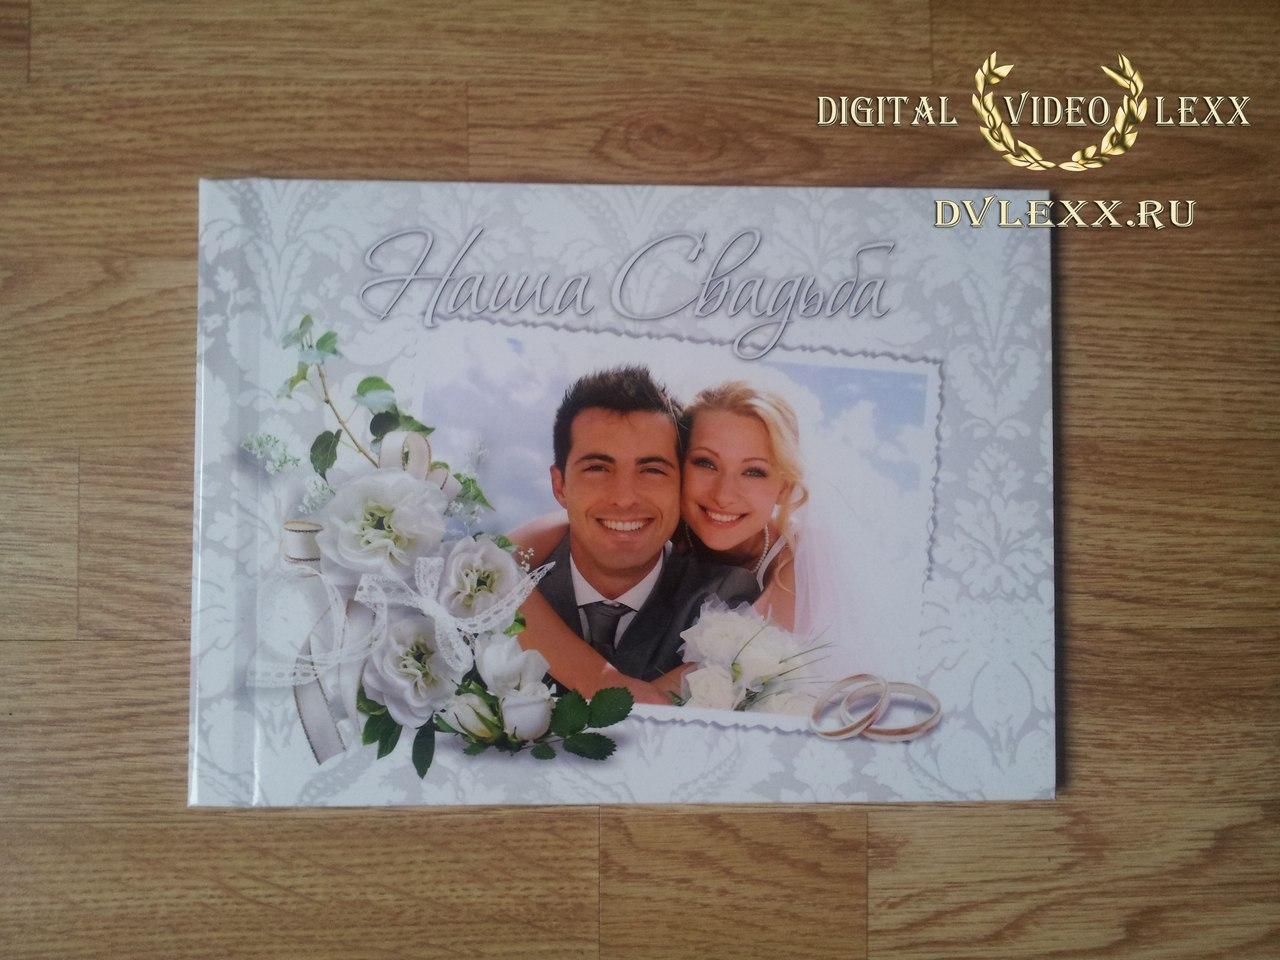 свадебный фотоальбом в челябинске